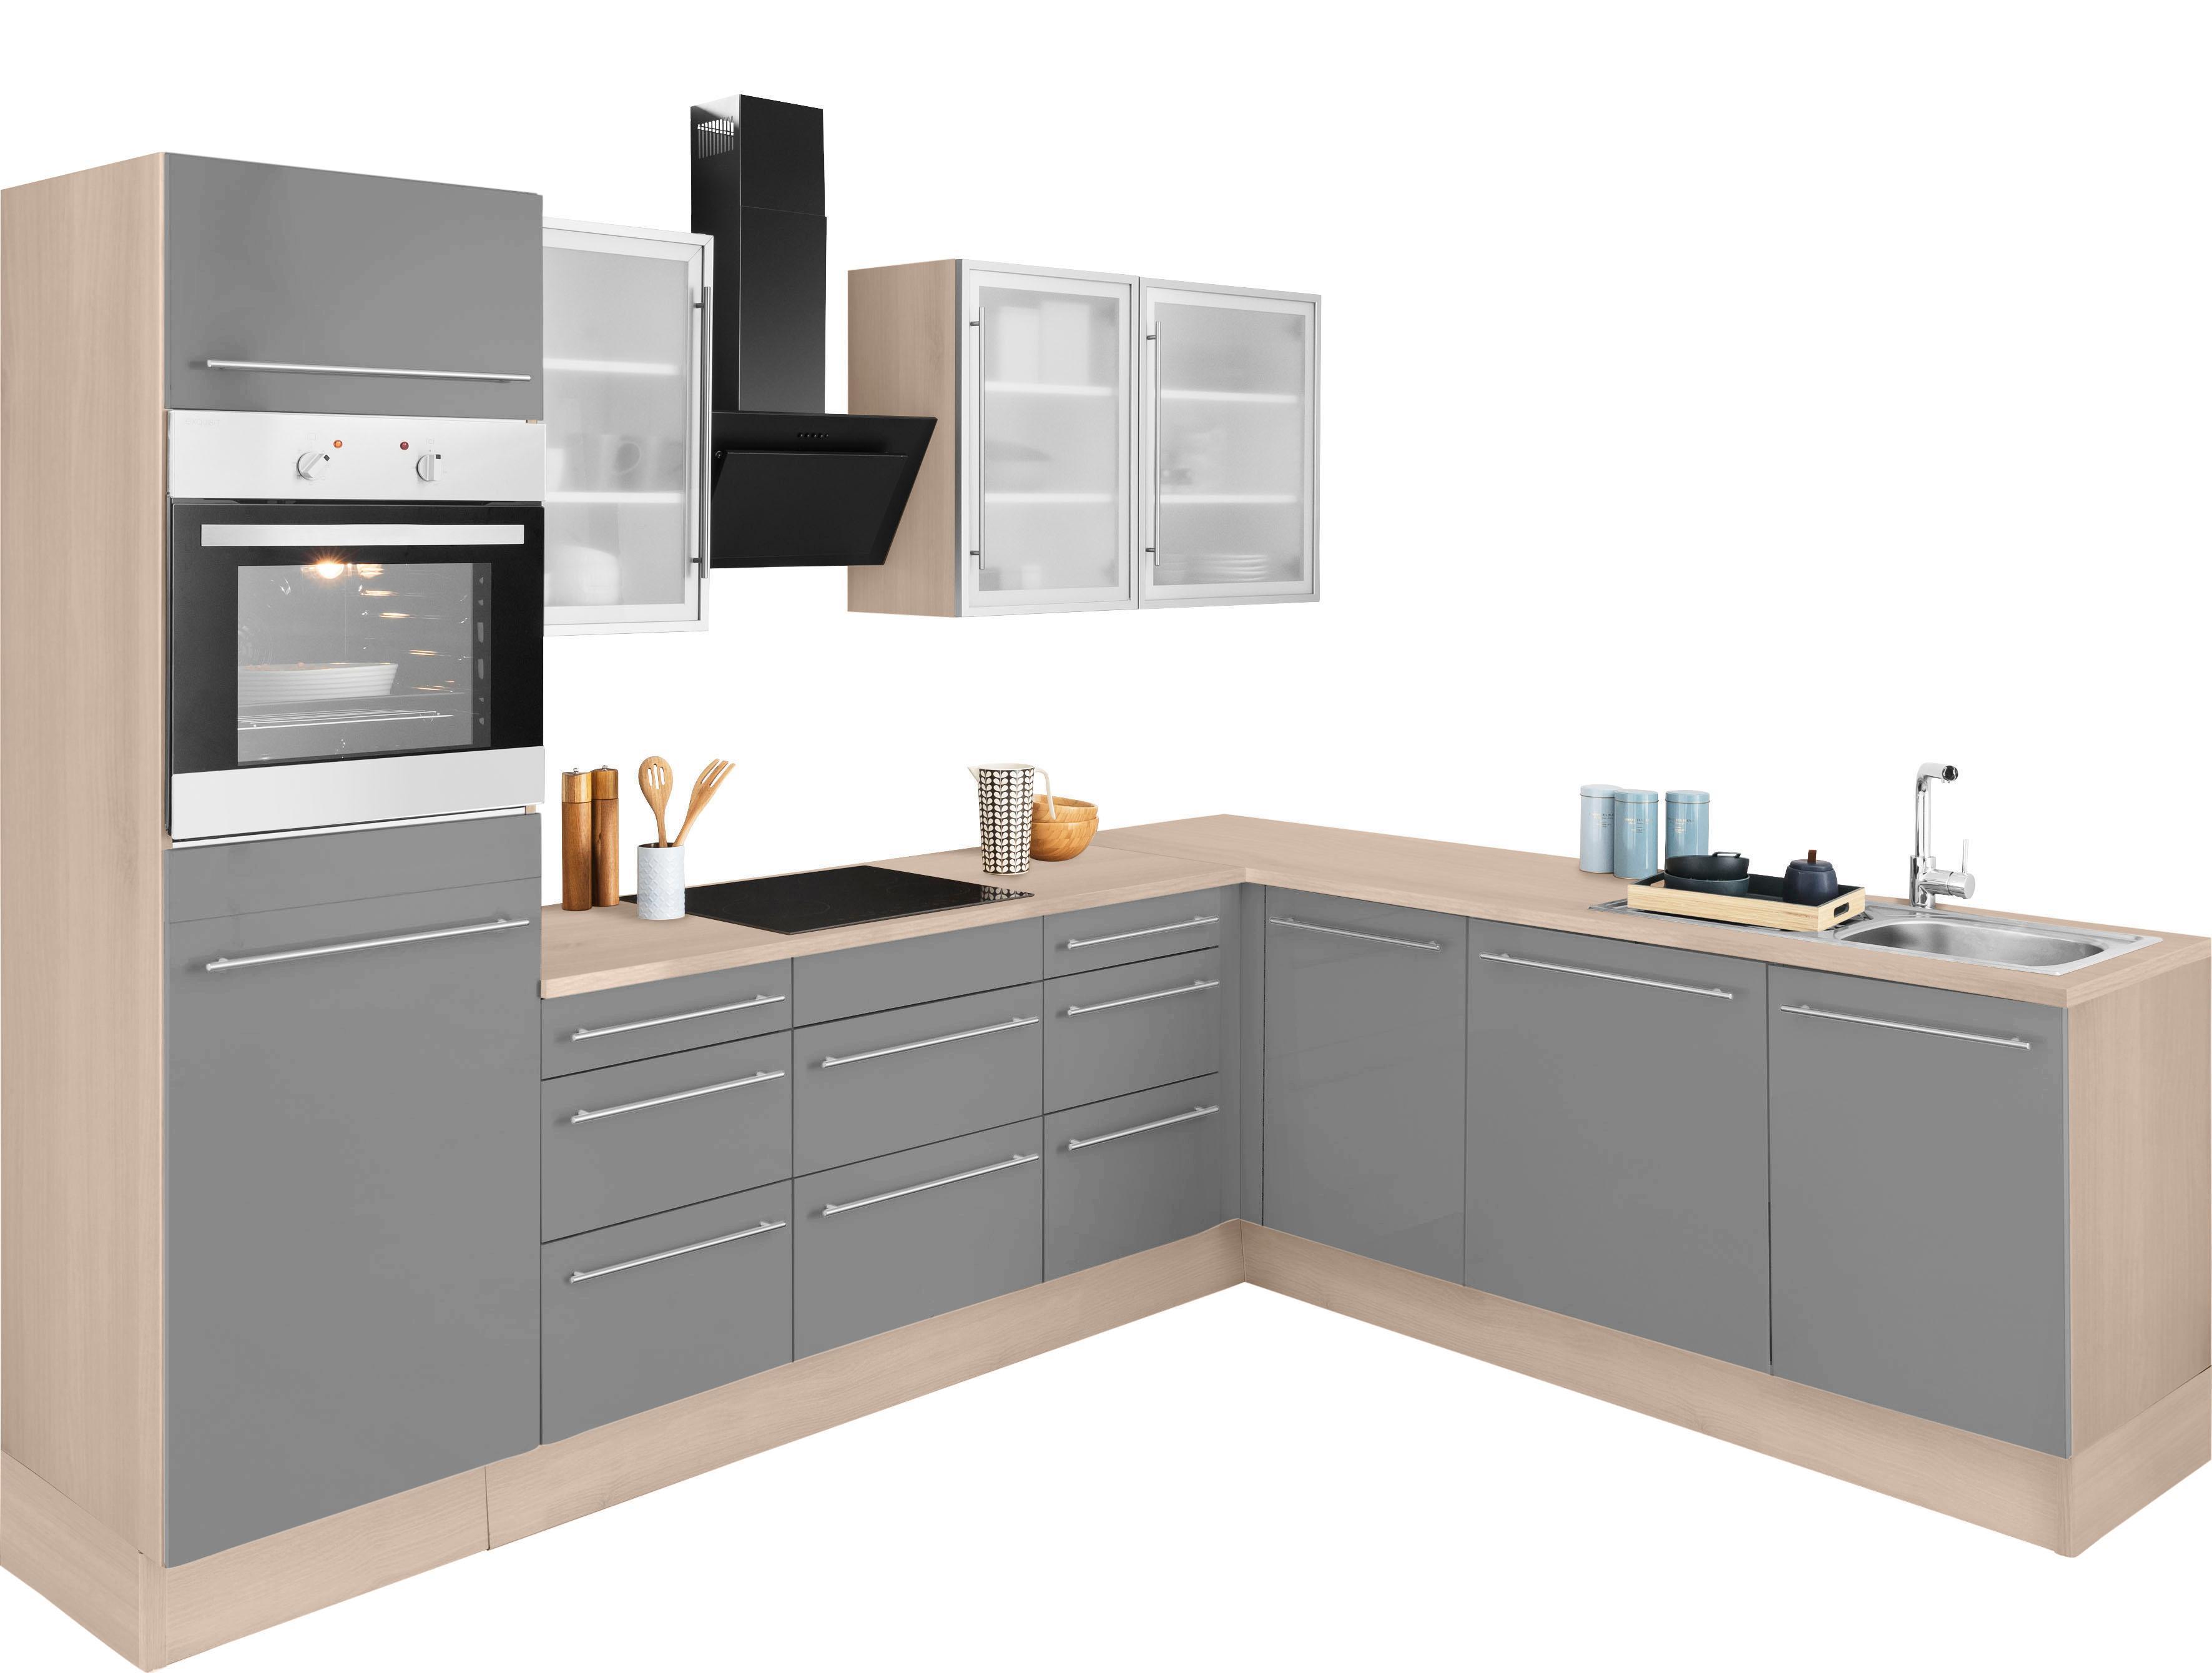 OPTIFIT Winkelküche »Winkelküche«, mit E-Geräten, Stellbreite 285 x 225 cm | Küche und Esszimmer > Küchen > Winkelküchen | OPTIFIT